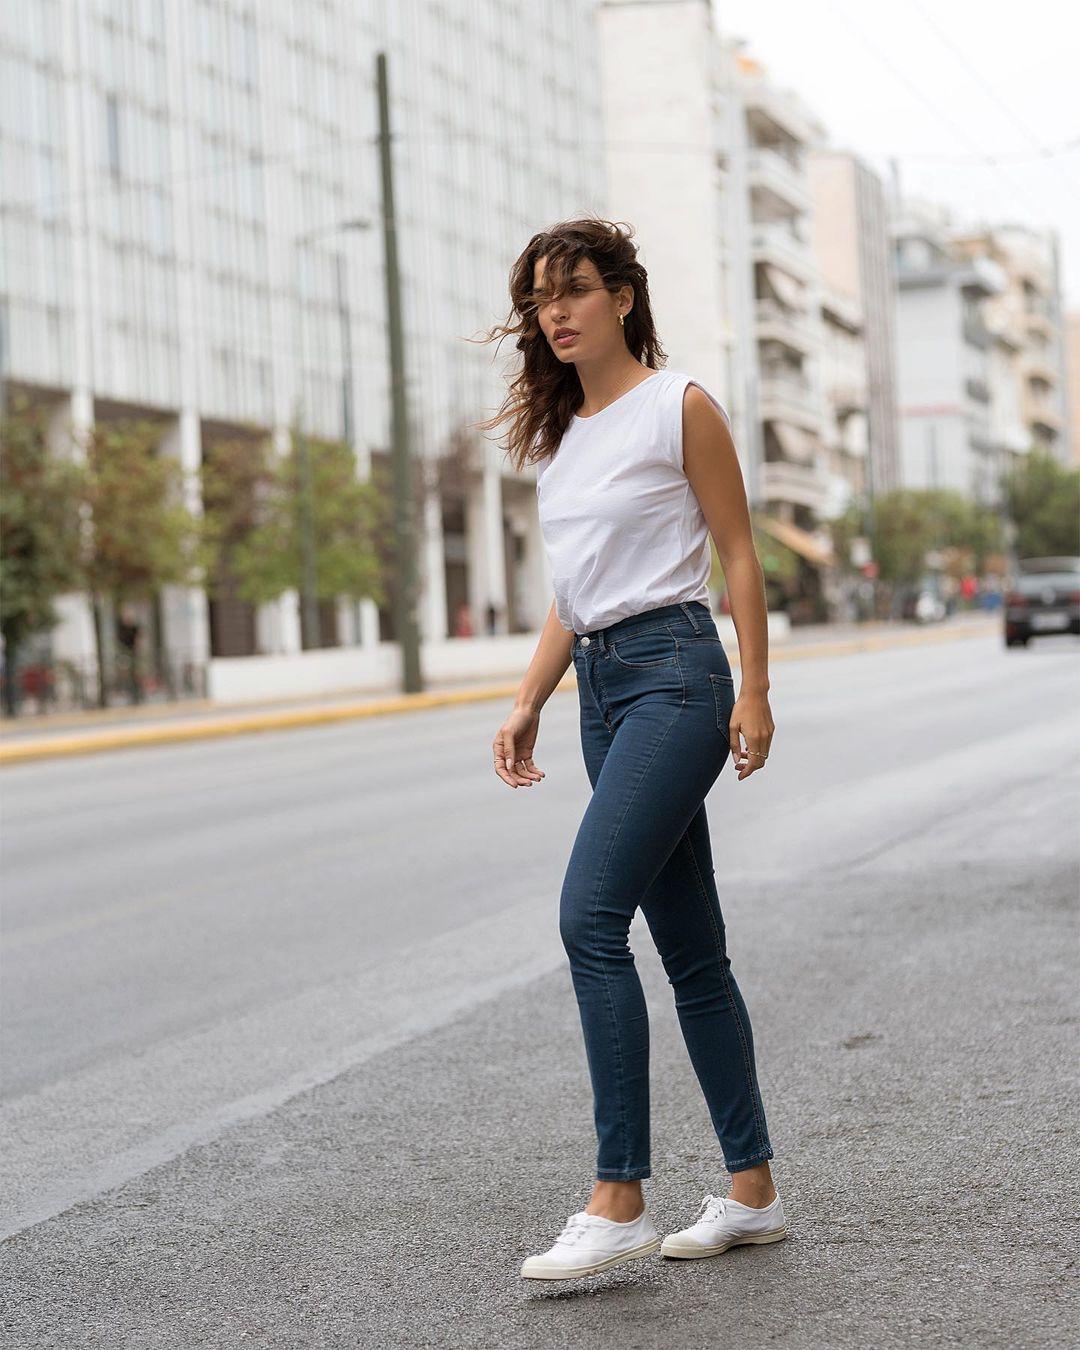 Η Τόνια Σωτηροπούλου φόρεσε το άνετο τζιν από τα Calzedonia που θα γίνει η νέα σου... φόρμα